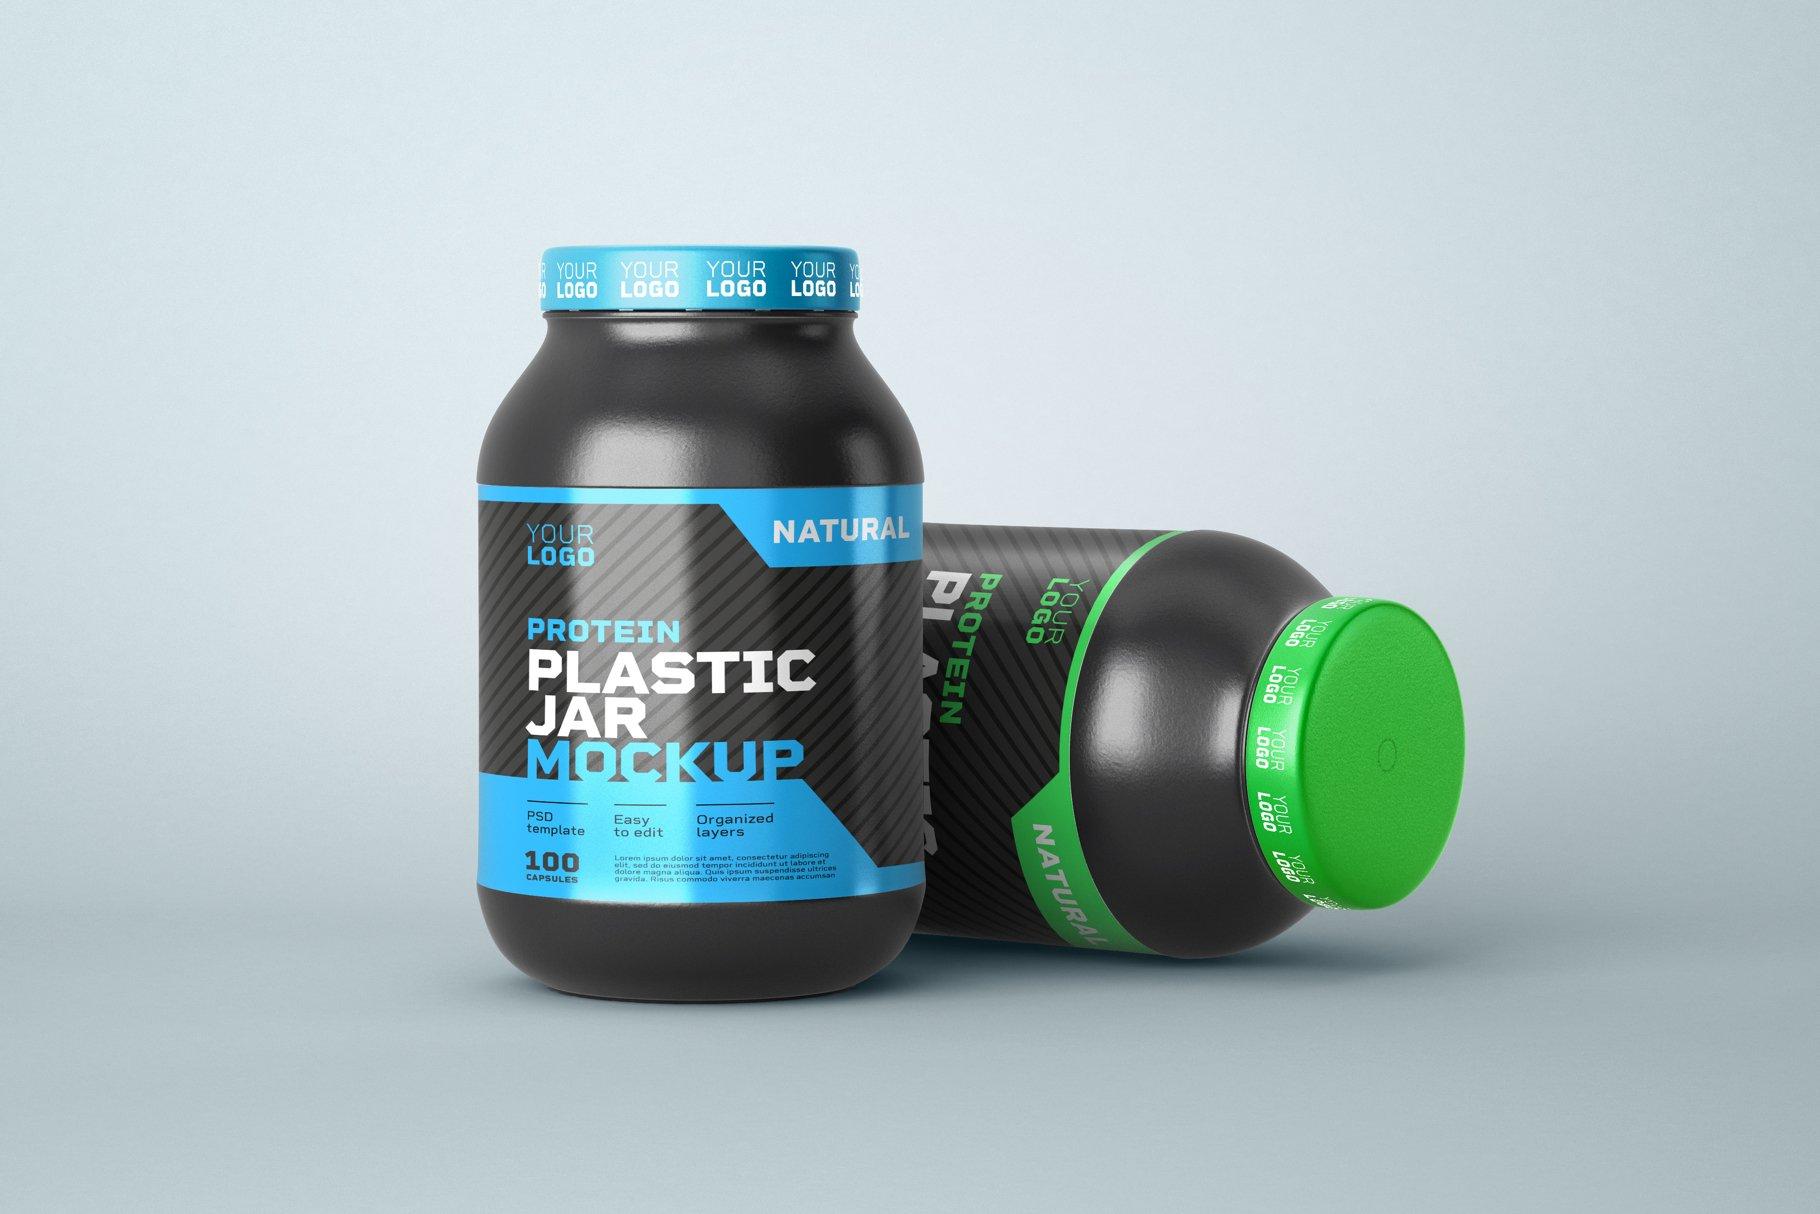 10款食物塑料罐标签设计展示样机模板 Food Supplement Plastic Jar Mockup插图(3)